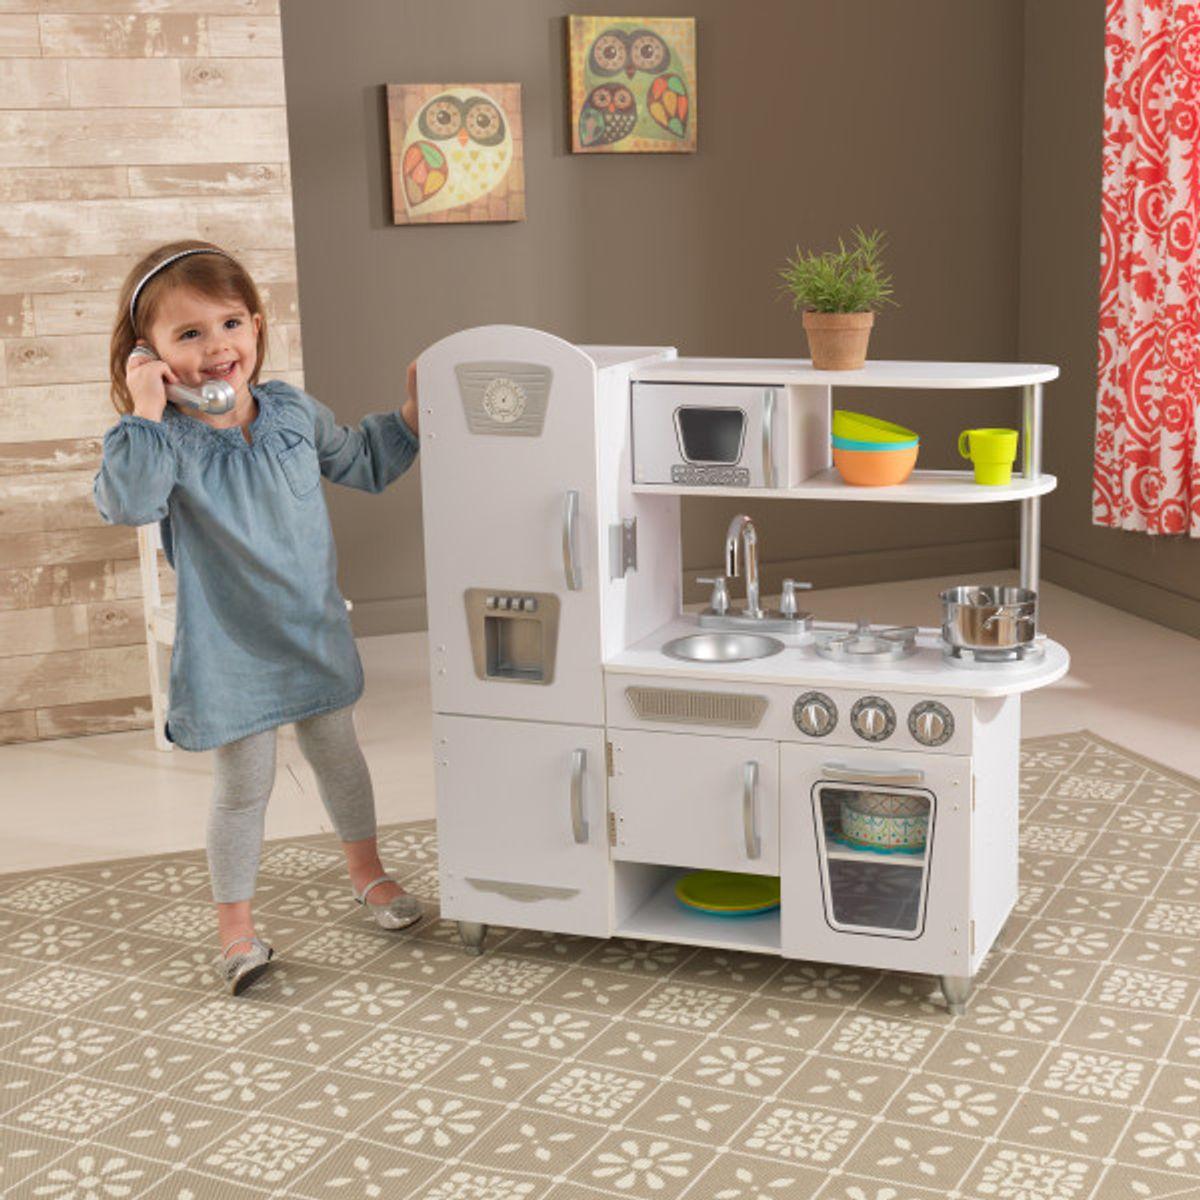 Tolle weisse Retro Spielküche für Jungen und Mädchen, von KidKraft